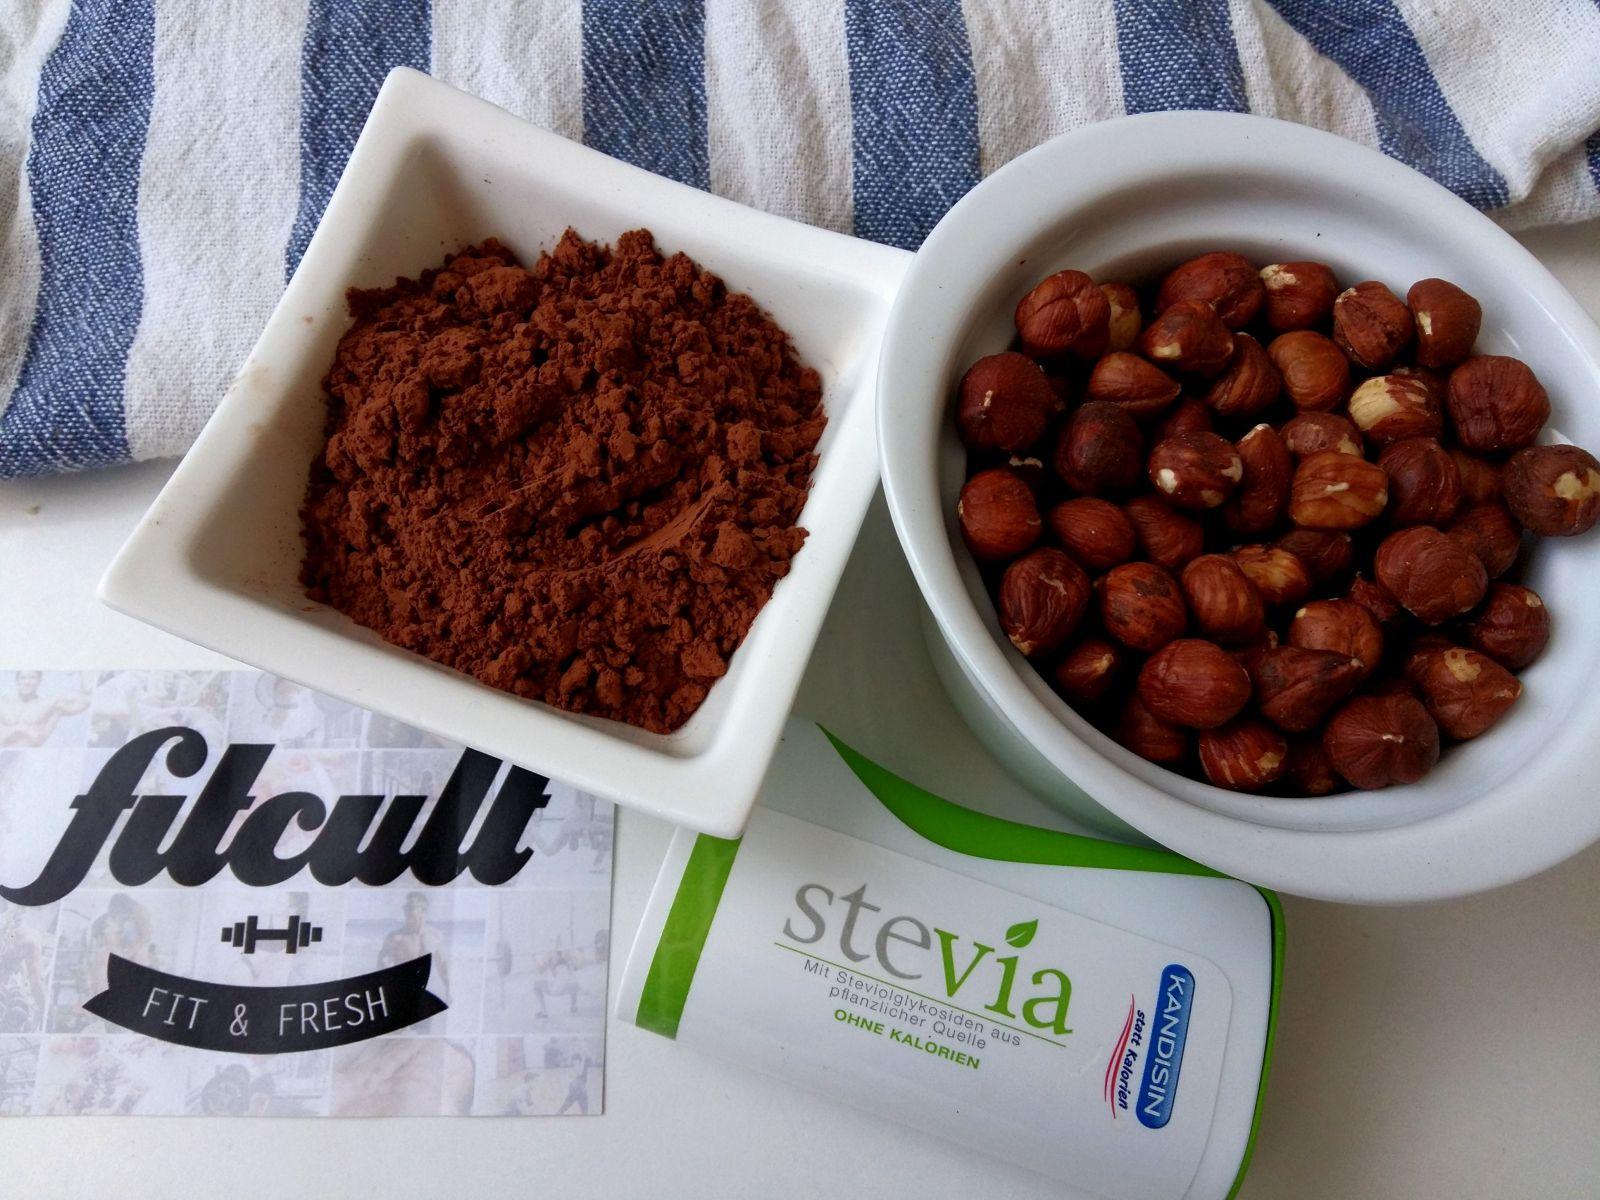 Zdravá nutella zo štyroch ingrediencií (Recept)